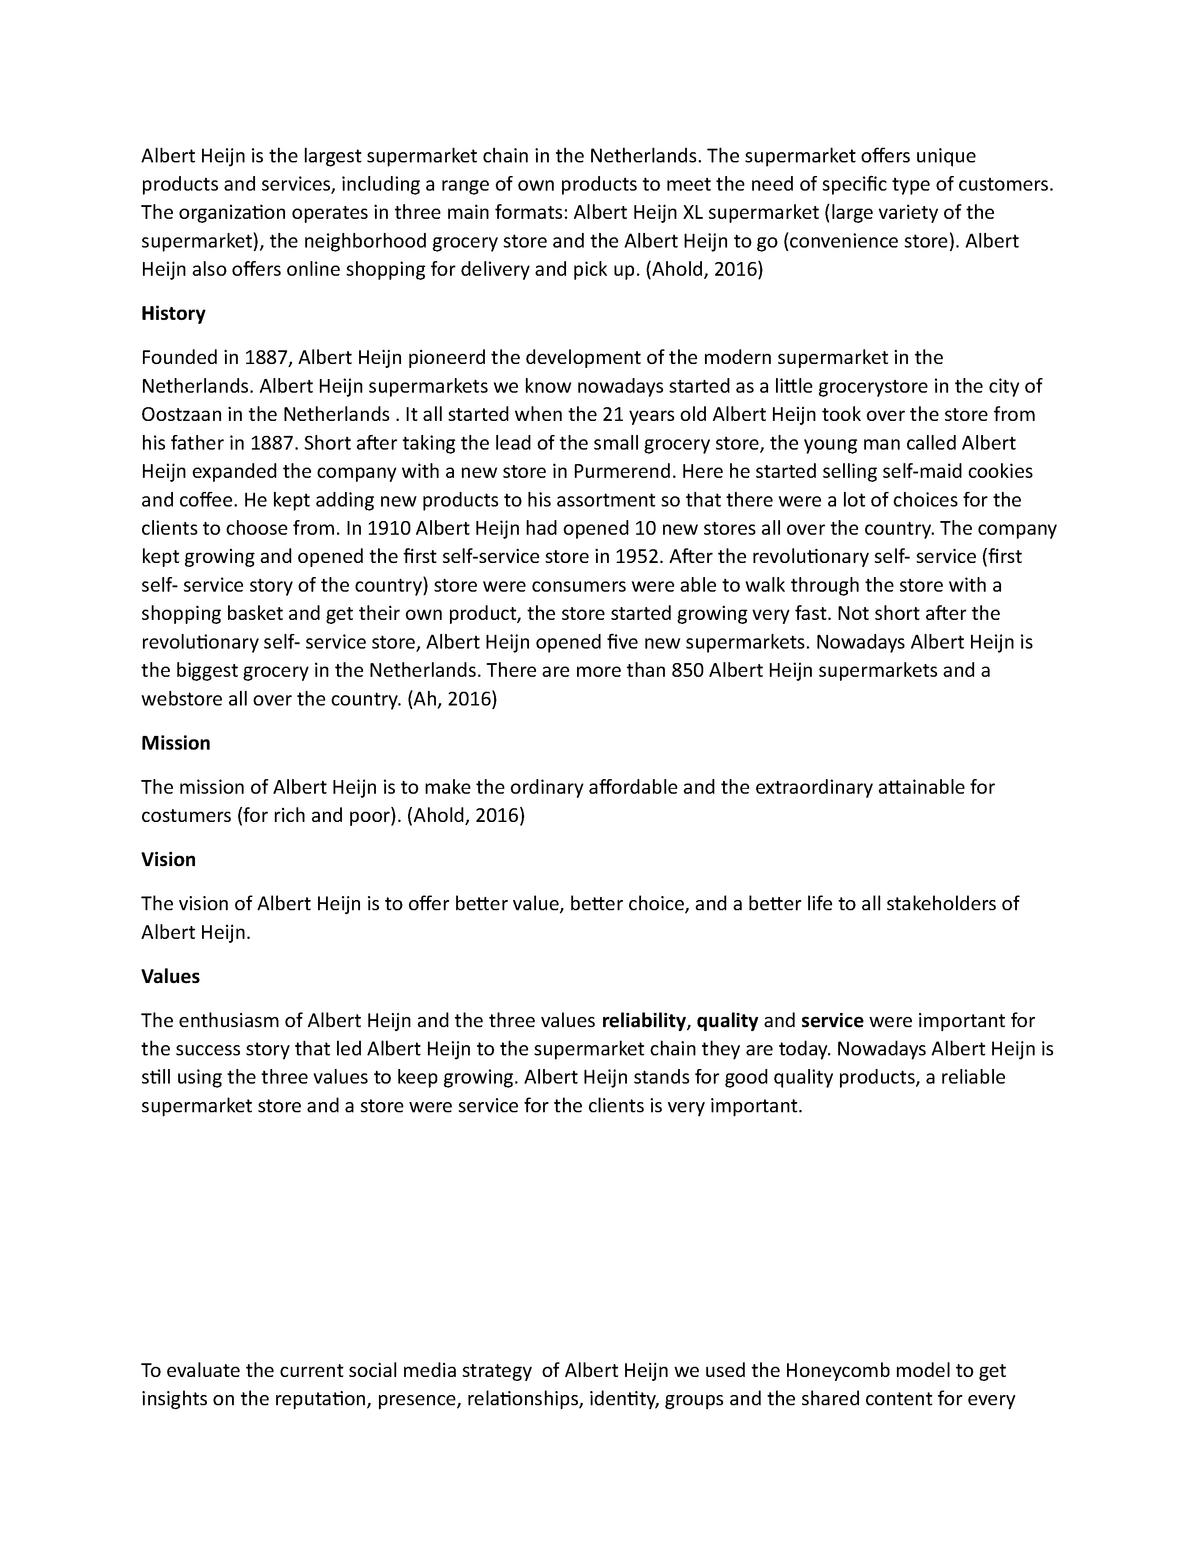 Werkstuk Albert Heijn - cijfer 7 5 - S_CW: Communicatiewetenschap